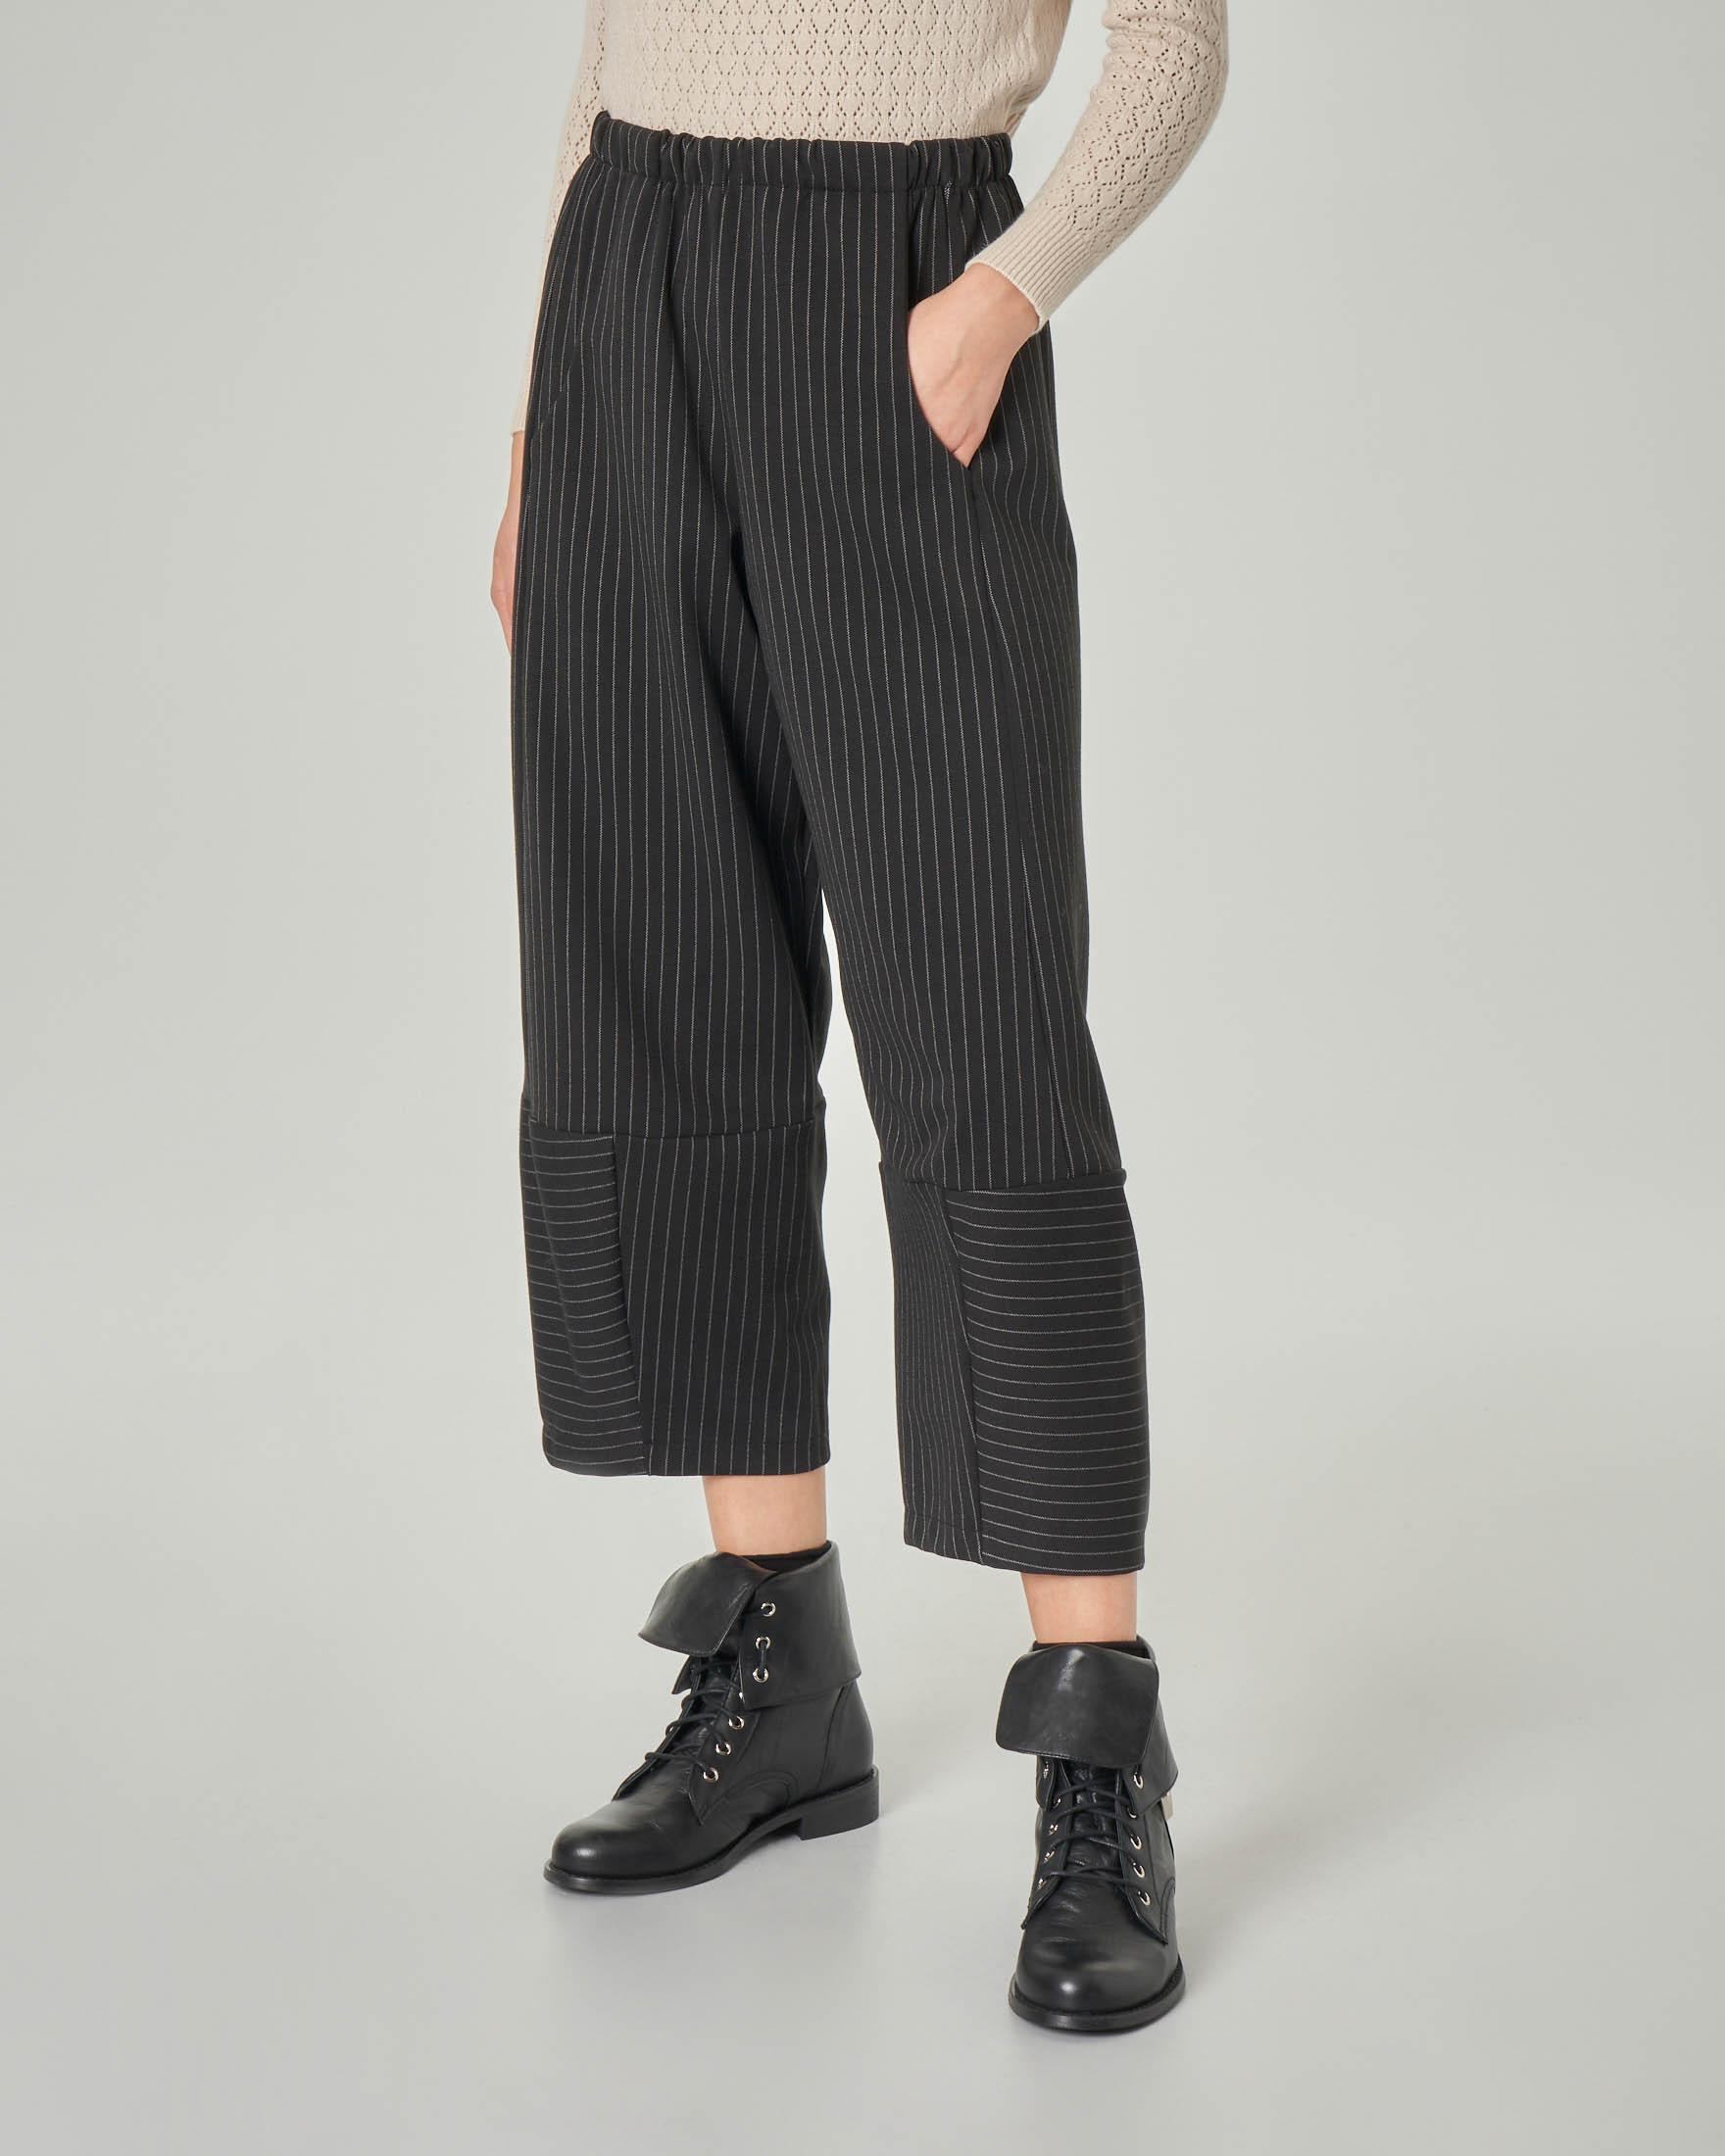 Pantaloni cropped gessati linea ampia con elastico in vita